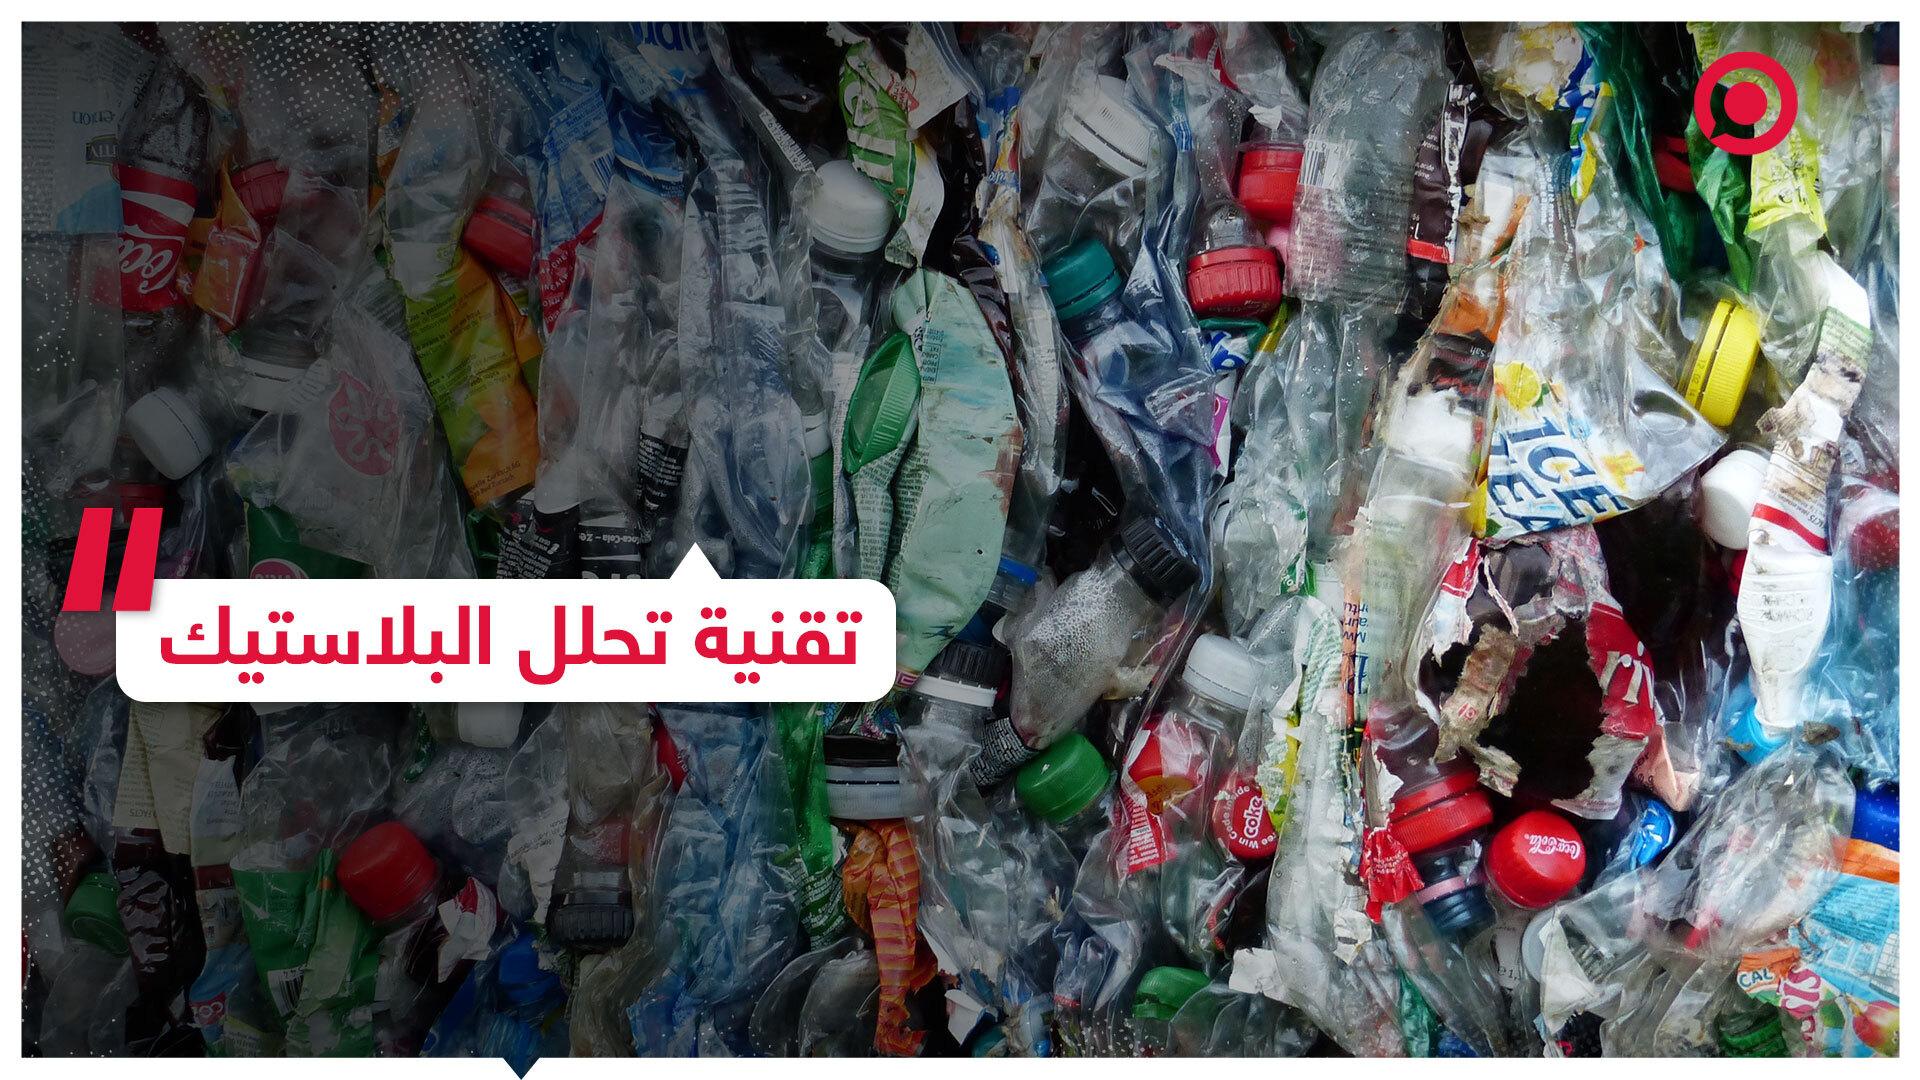 تحلل البلاستيك لم يعد مستحيلا!